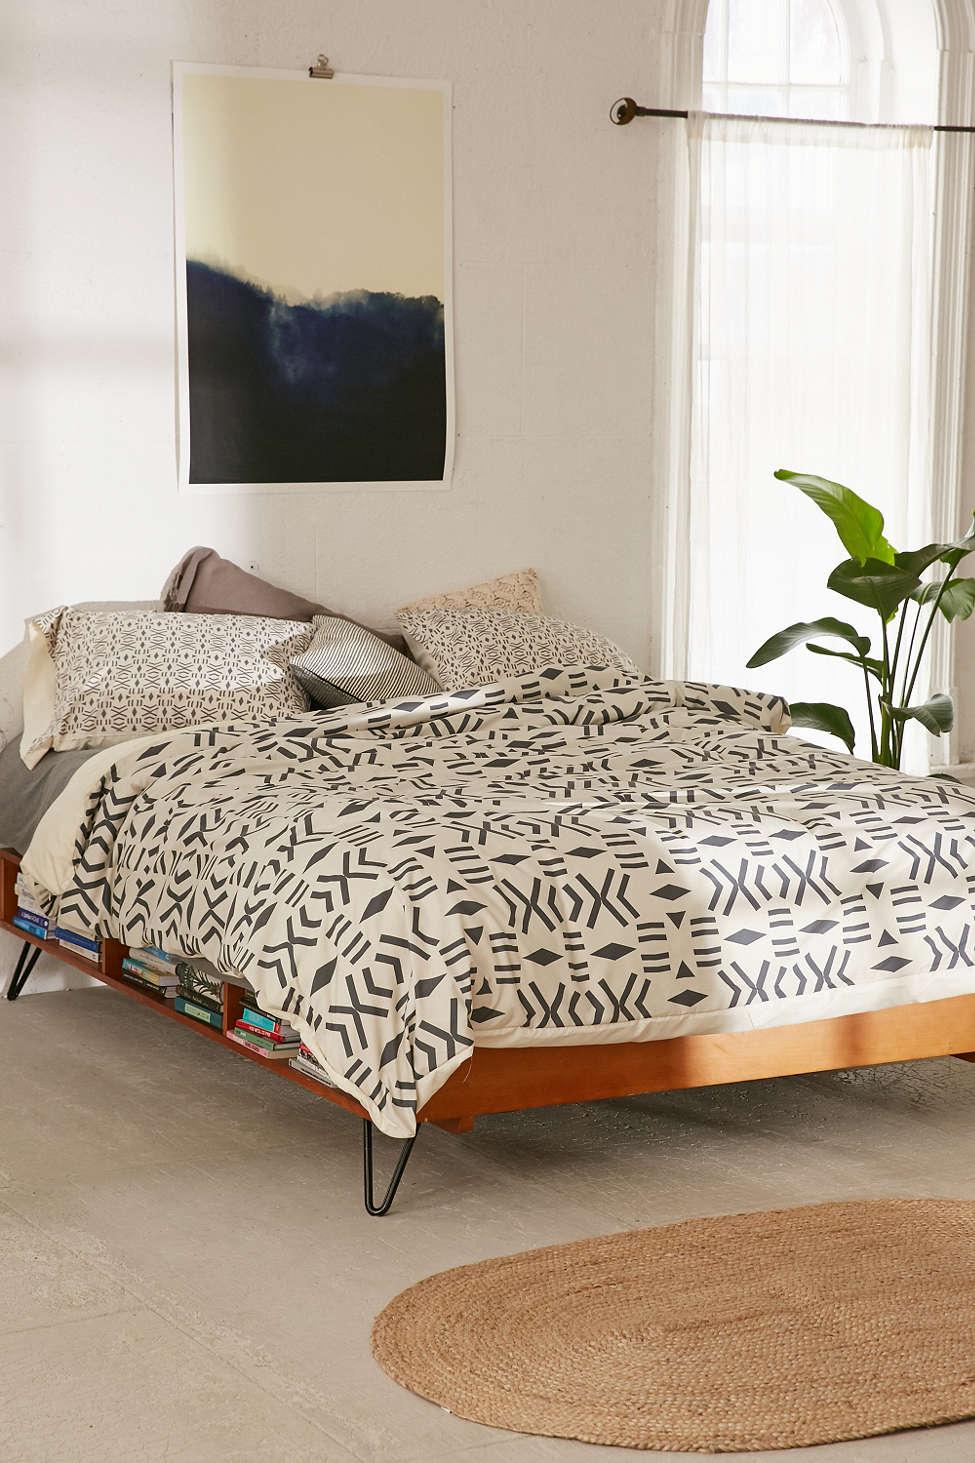 Абстрактный декор постельного белья от Urban Outfitters